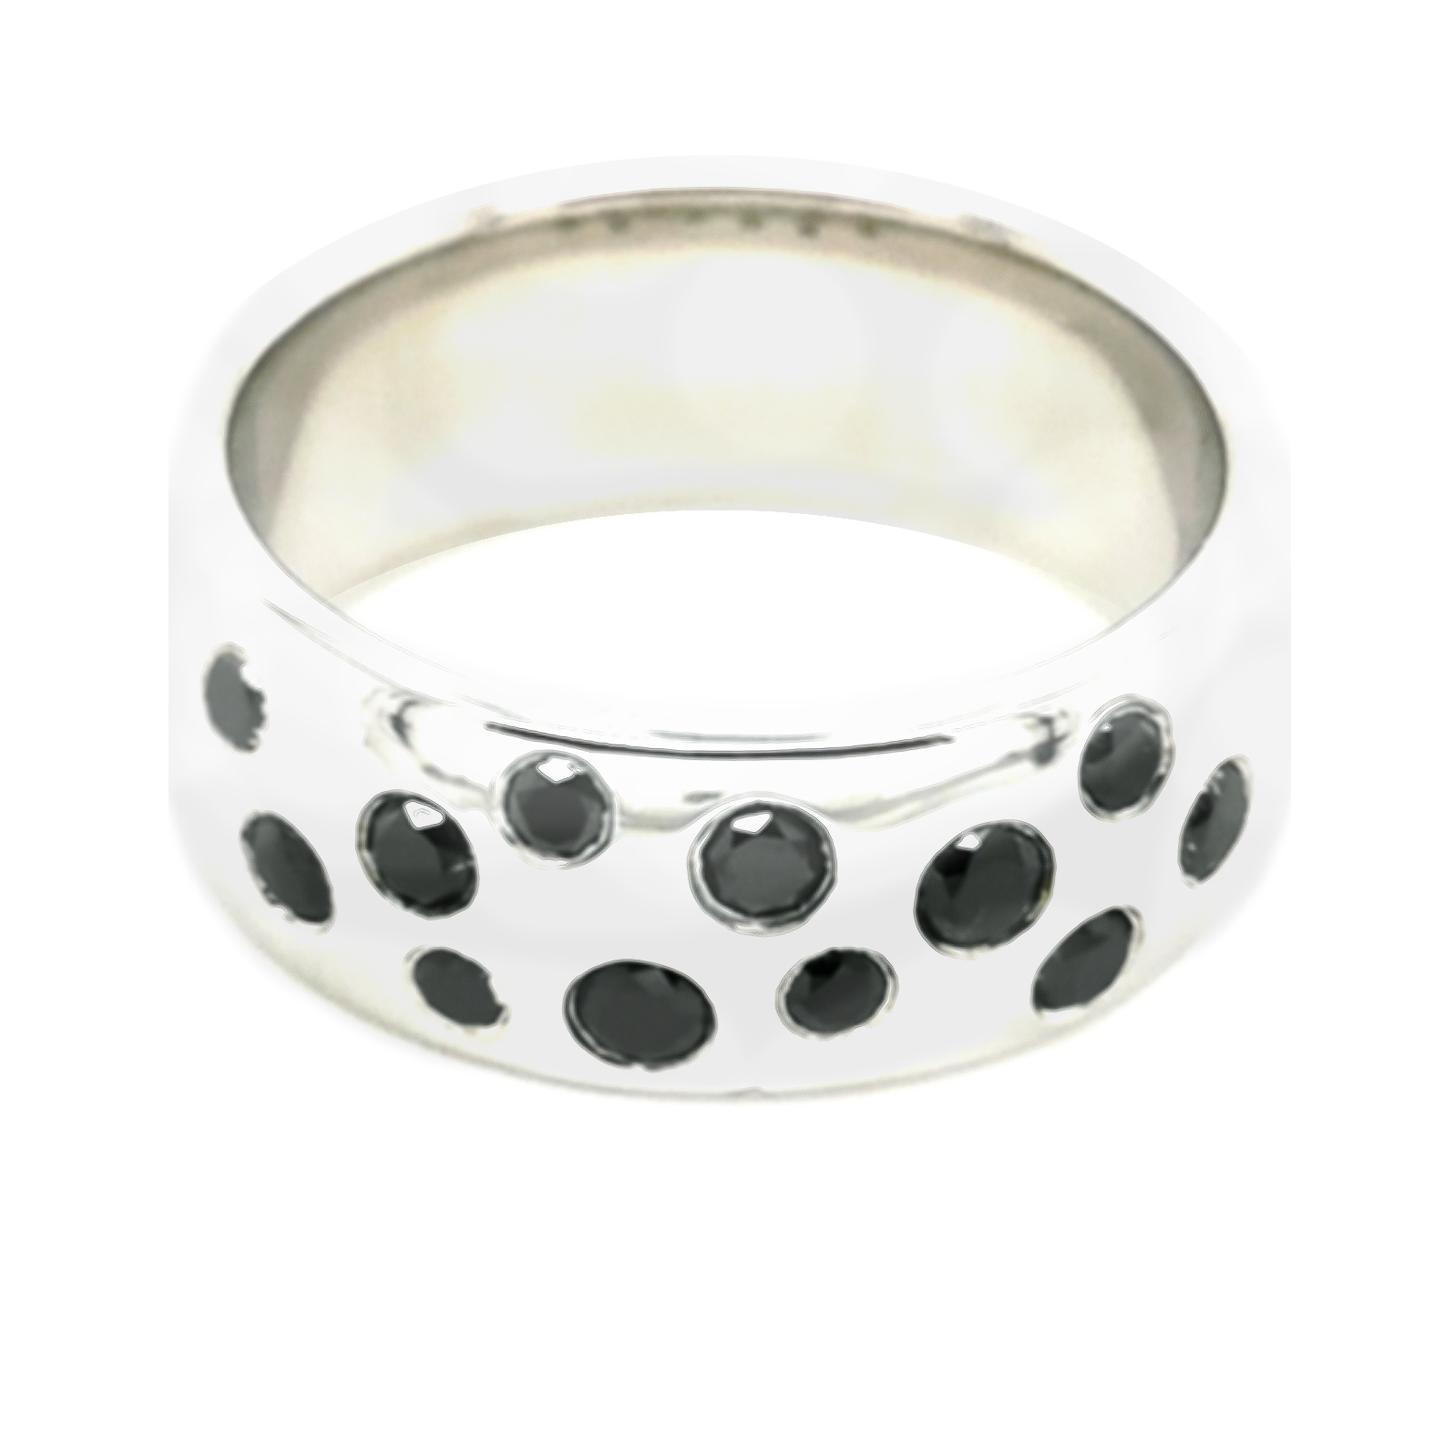 Diamant schwarz, beh. Vollschliff total ca. 0,411 ct Edelstein, Silber 925/000 Ring, Sogni d´oro